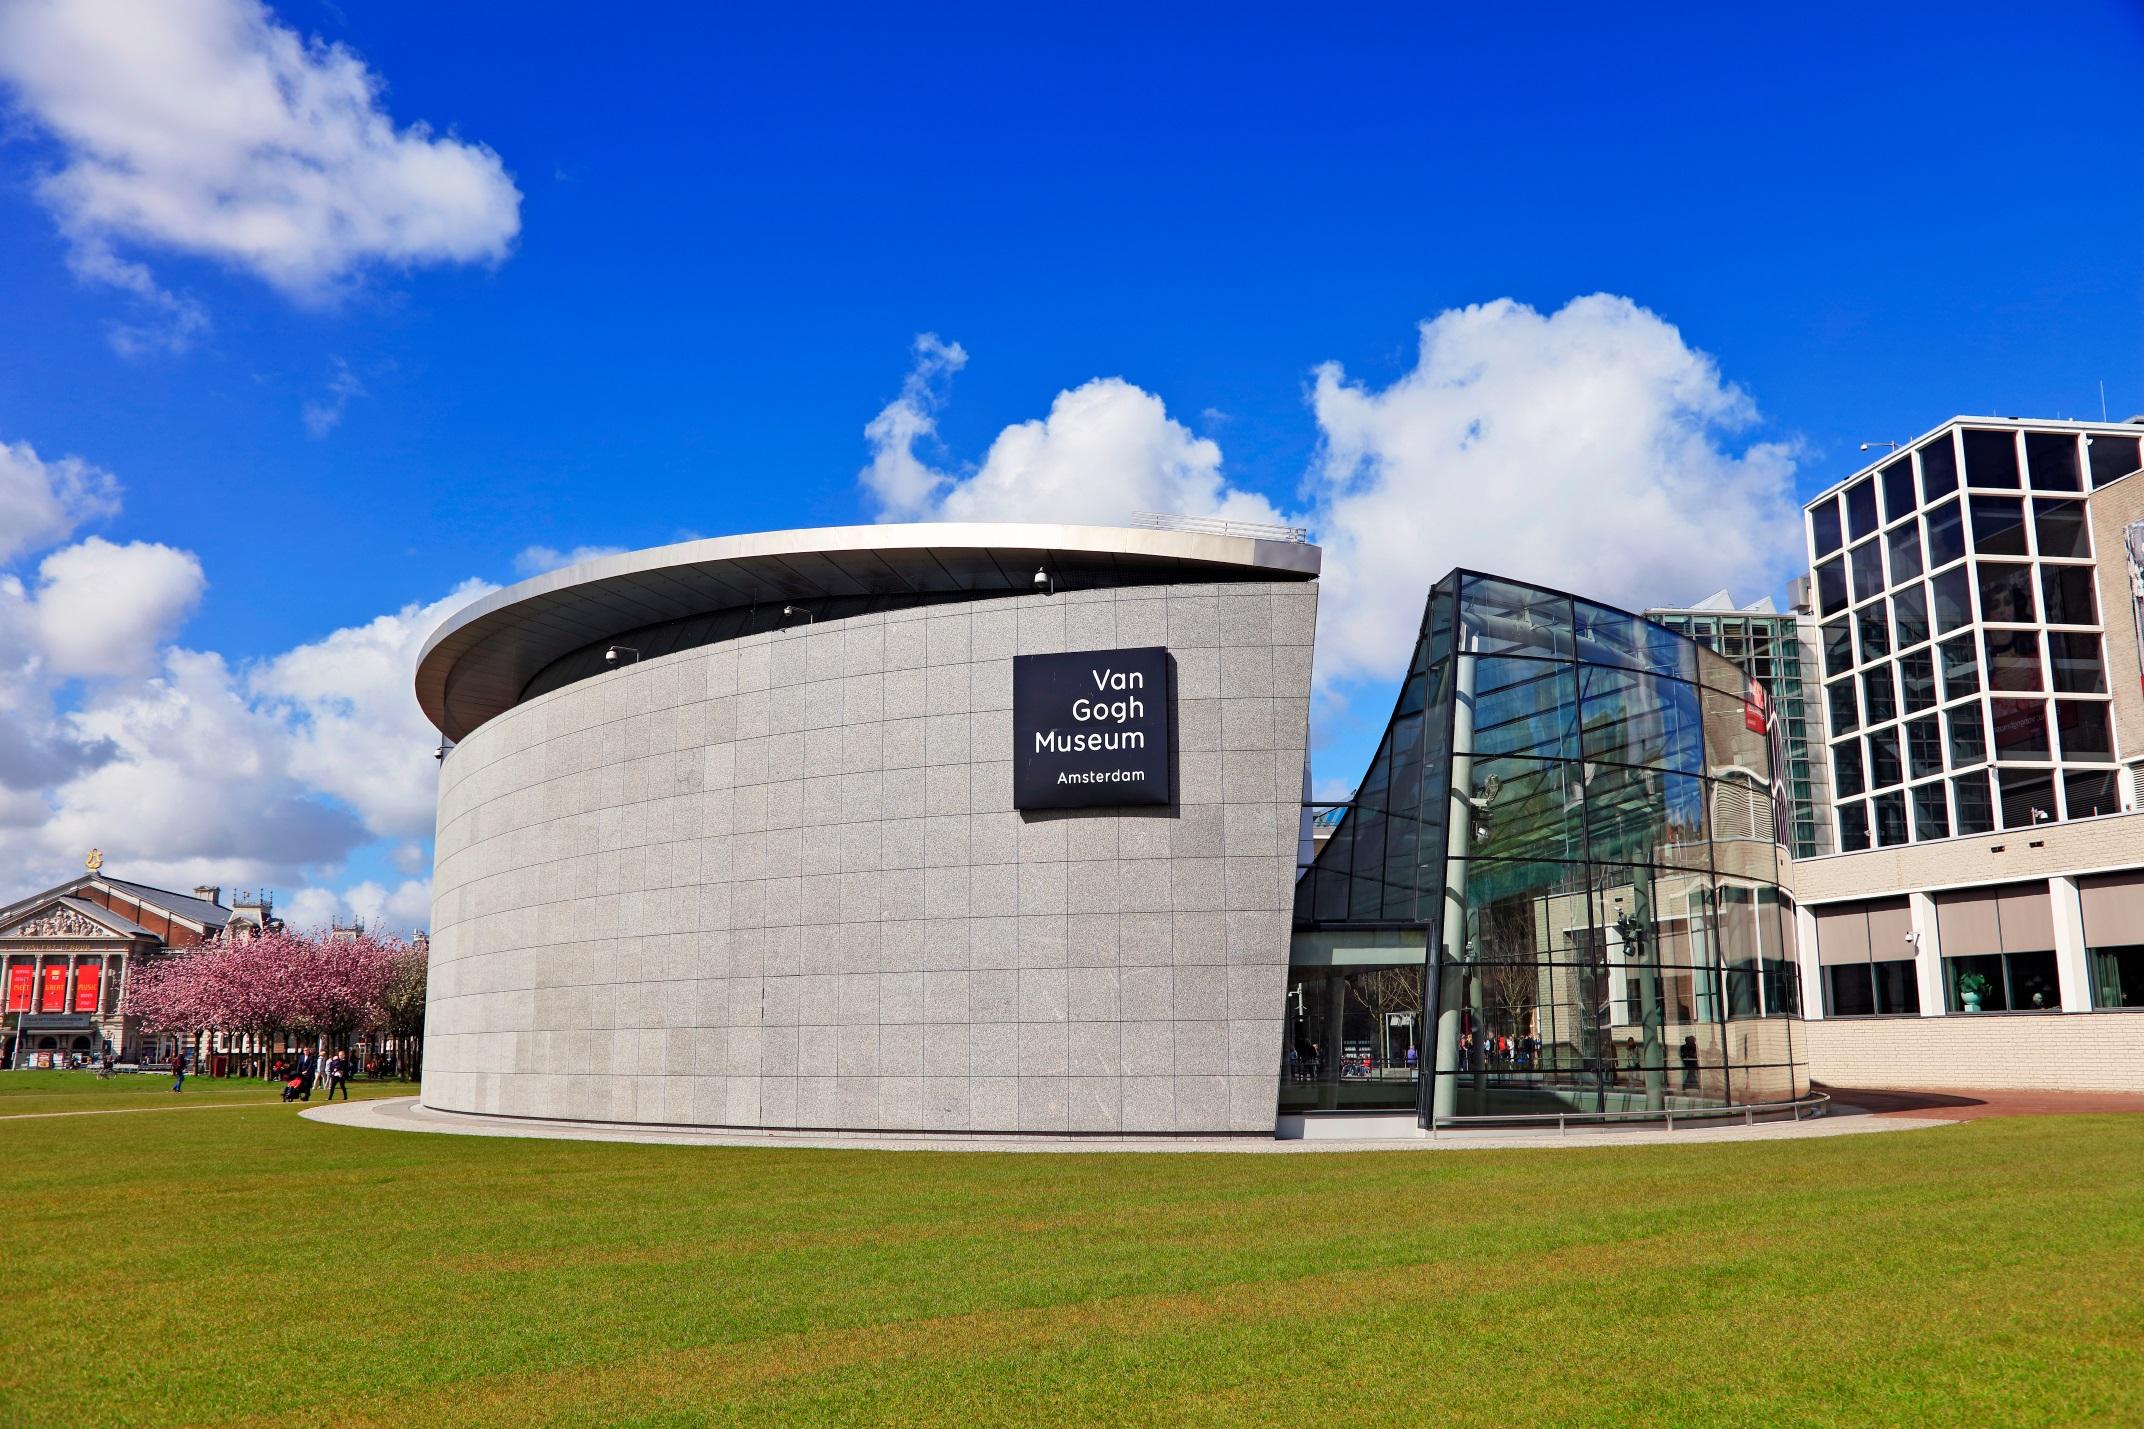 van Gogh museum 1 - Istock